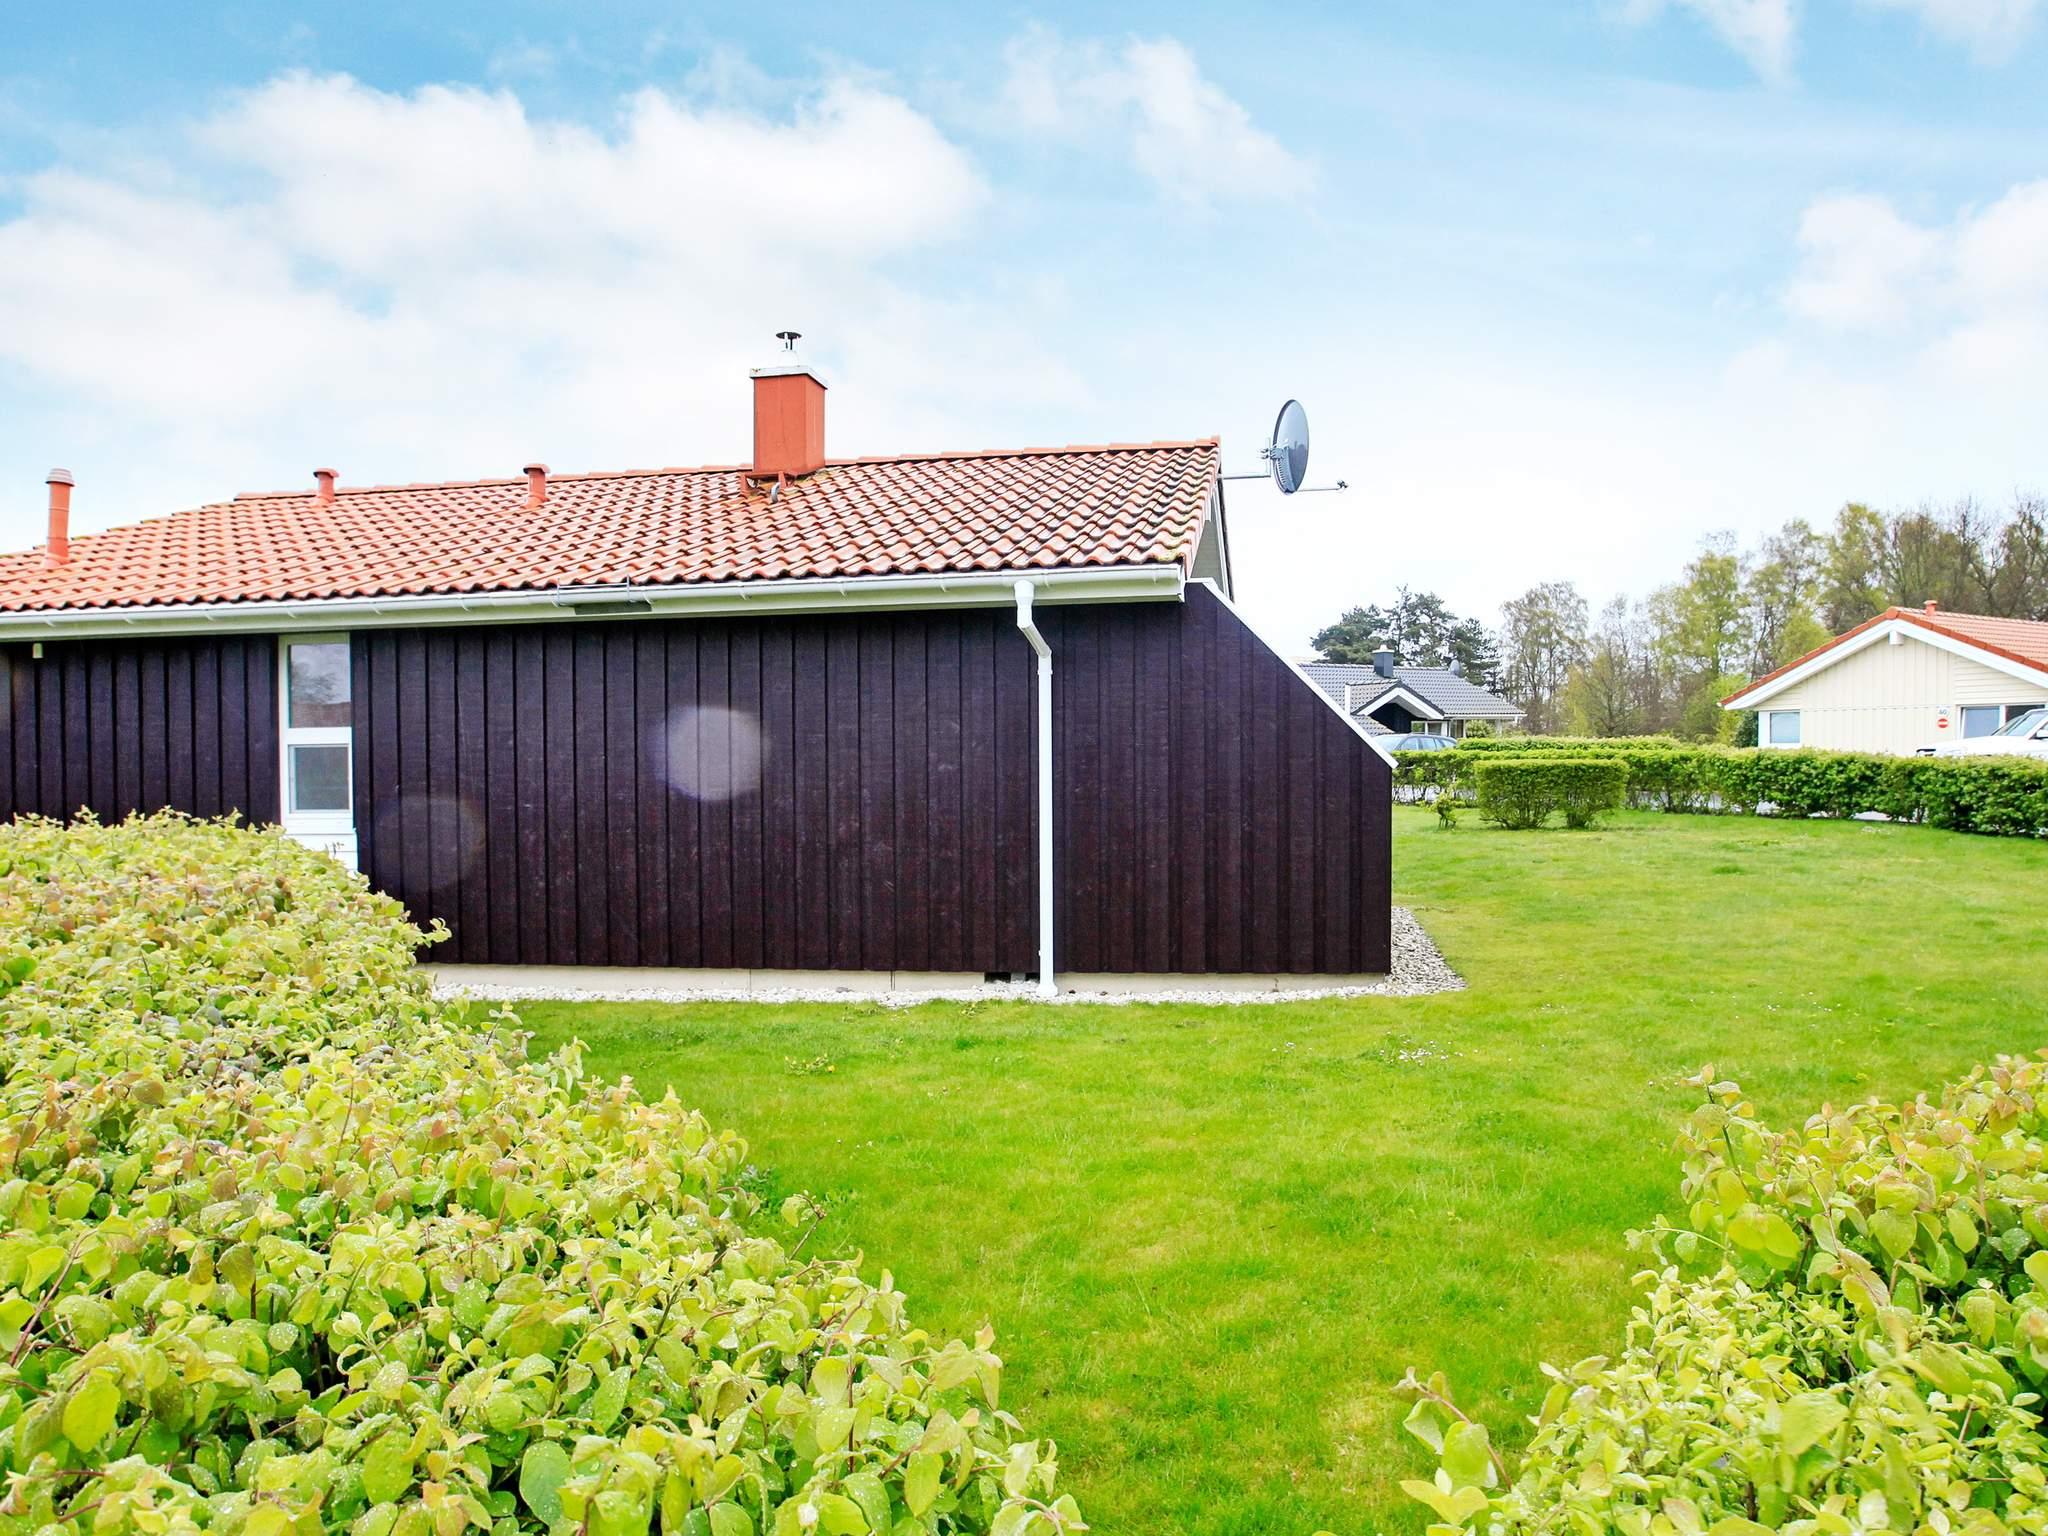 Maison de vacances Grömitz (332024), Grömitz, Baie de Lübeck, Schleswig-Holstein, Allemagne, image 14